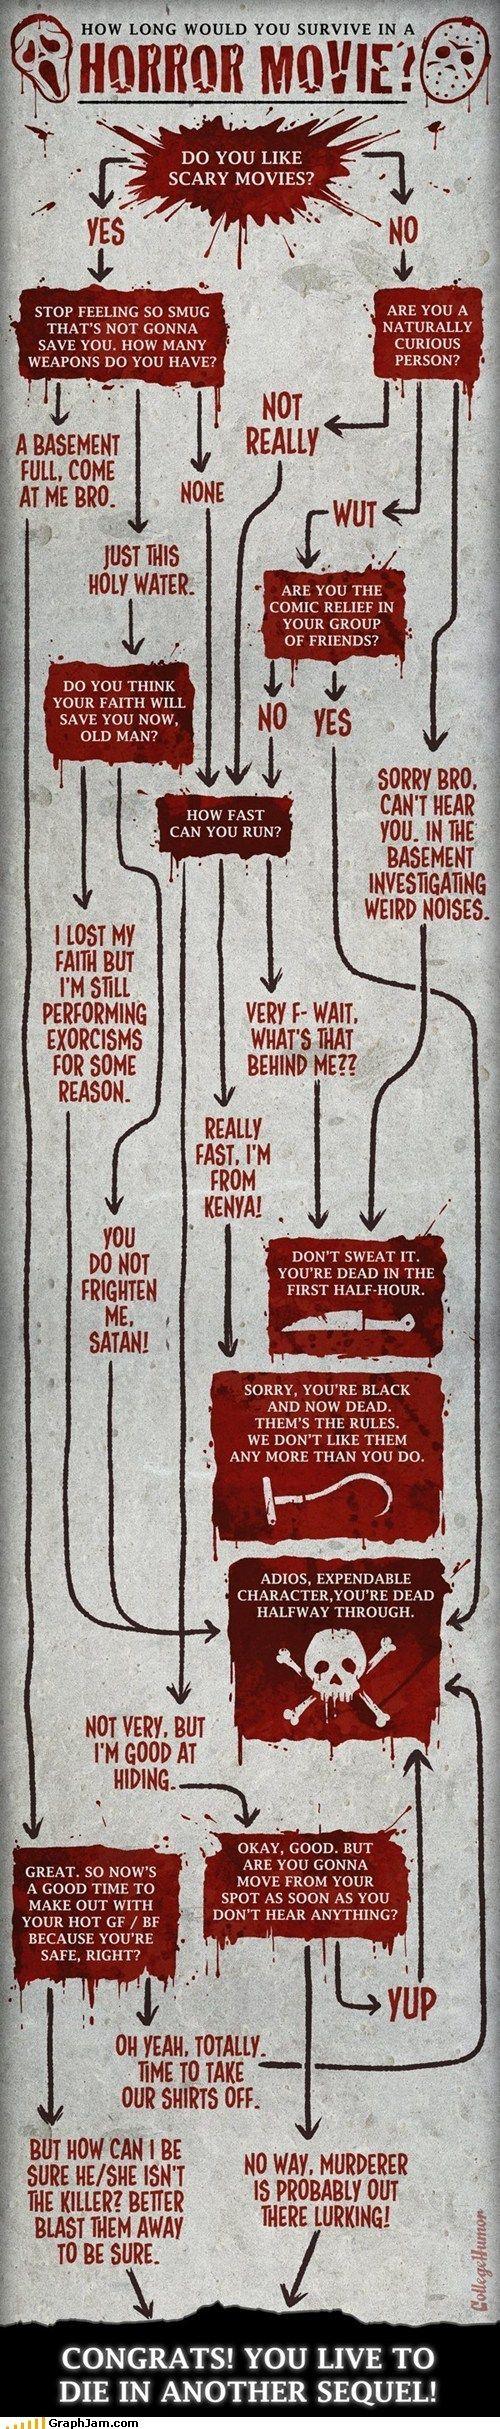 Quanto tempo você duraria em um filme de Terror?    How Long Would You Survive in a HORROR MOVIE?